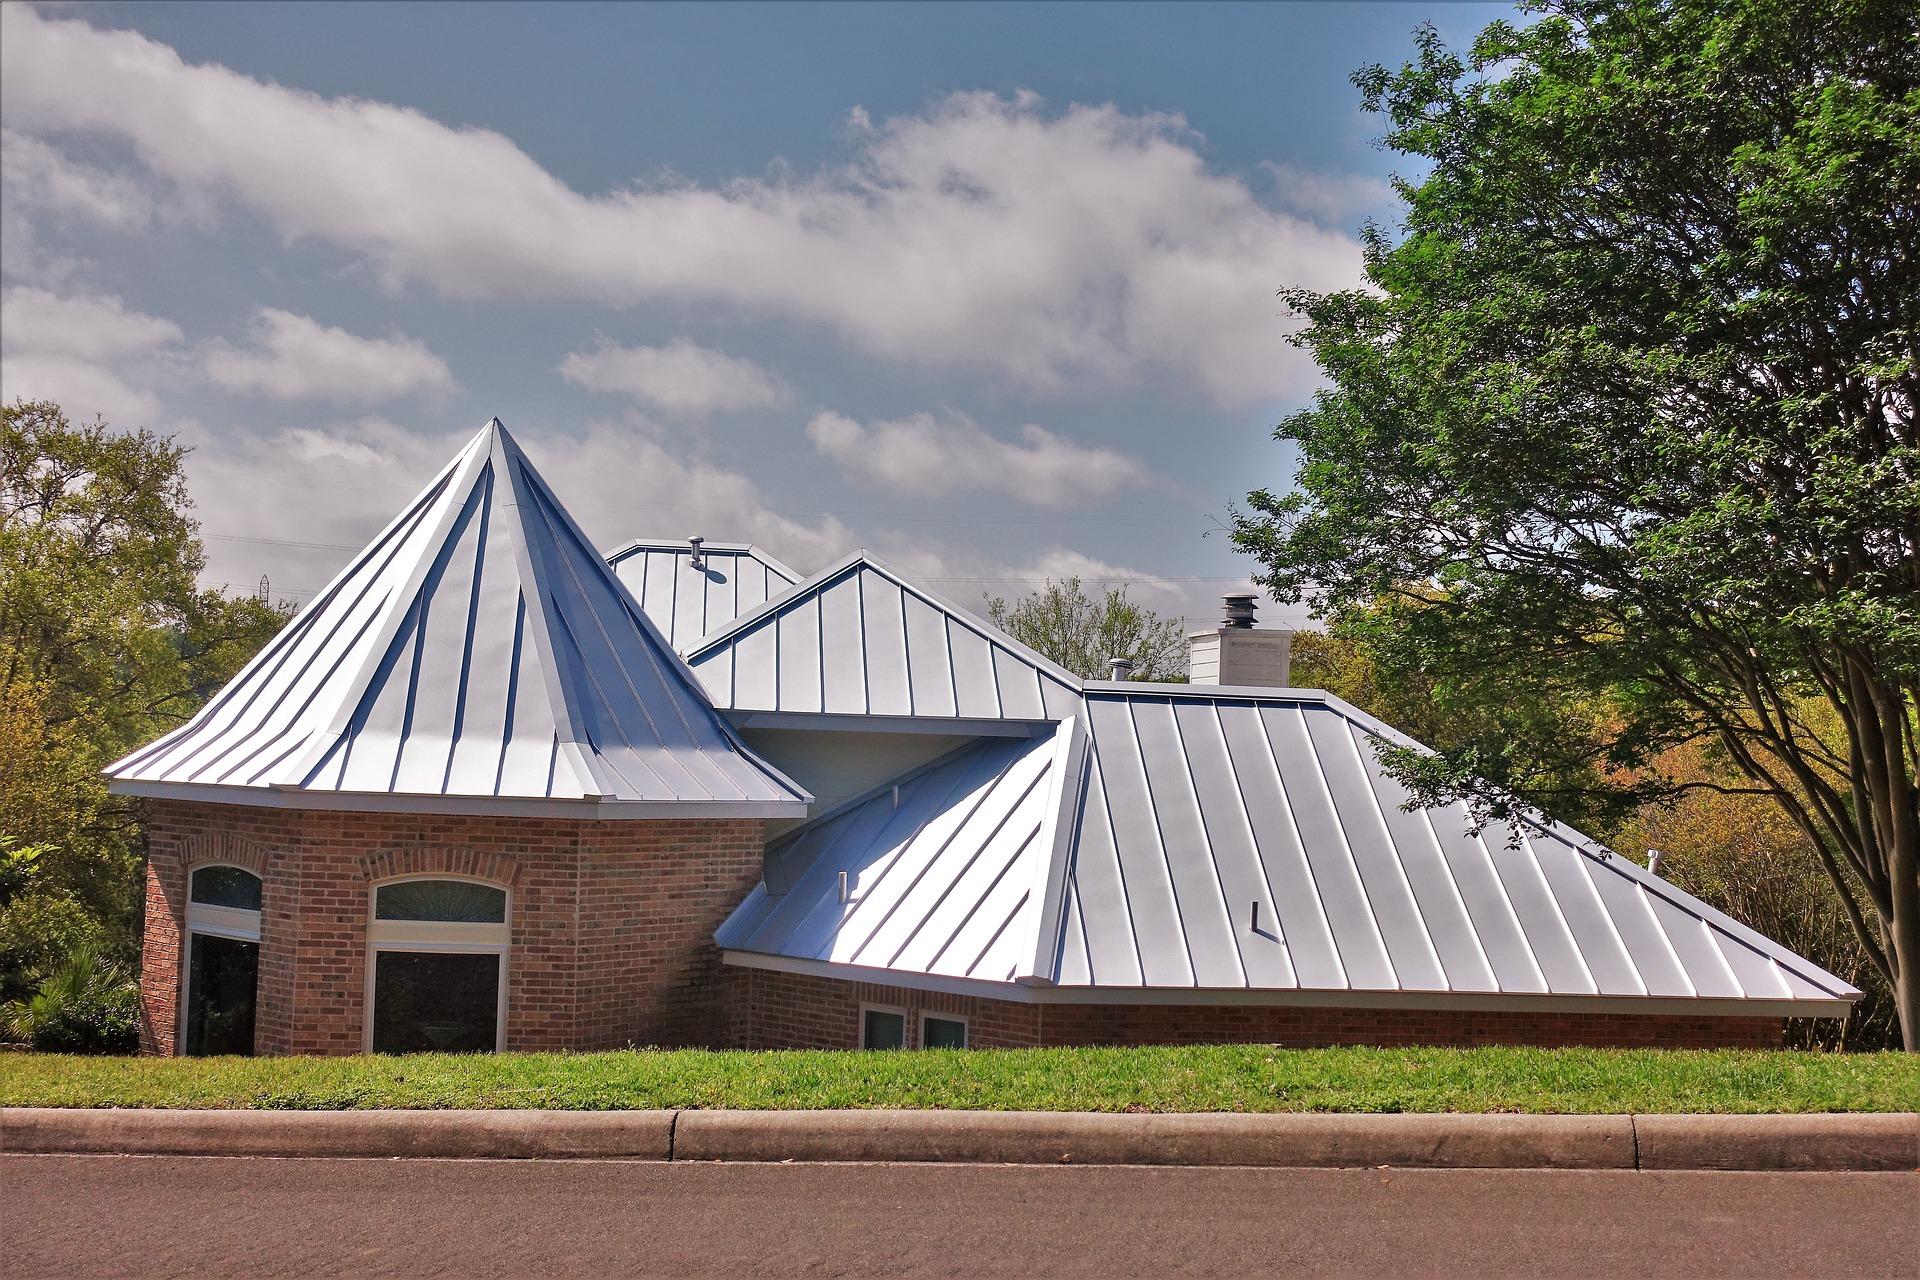 Architecture 3320462 1920